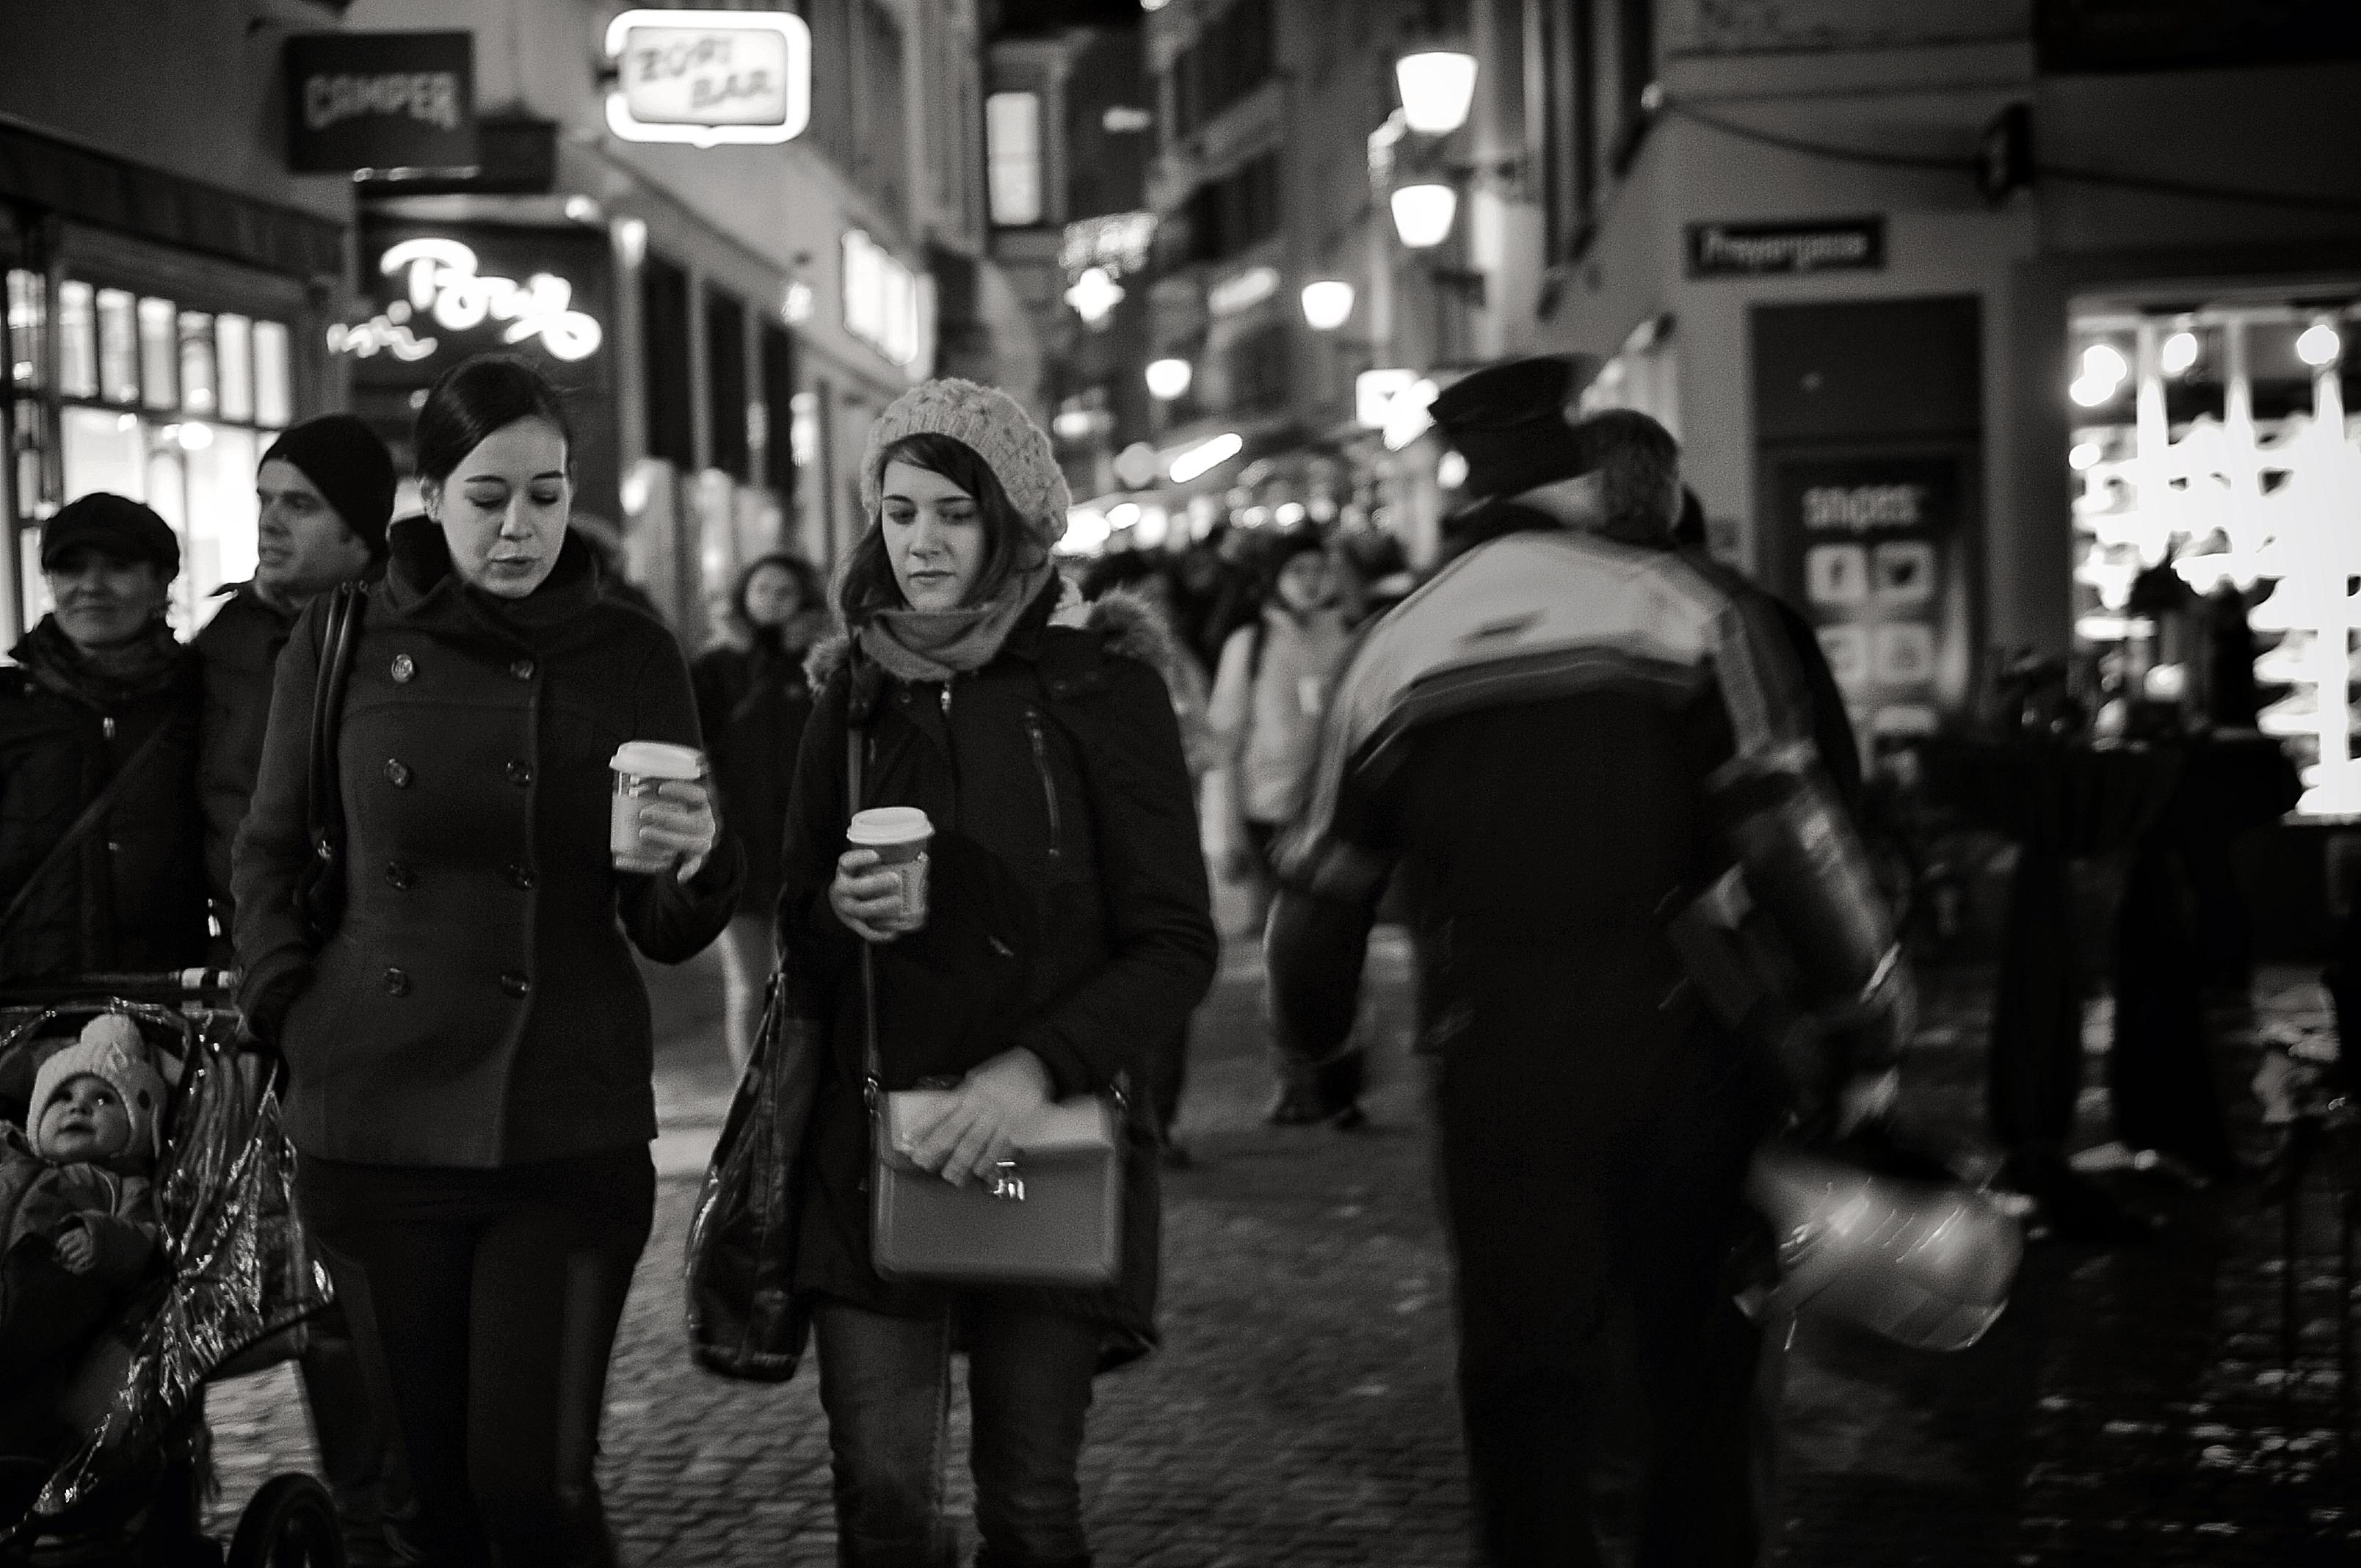 Взрослую толпа на улице — pic 3